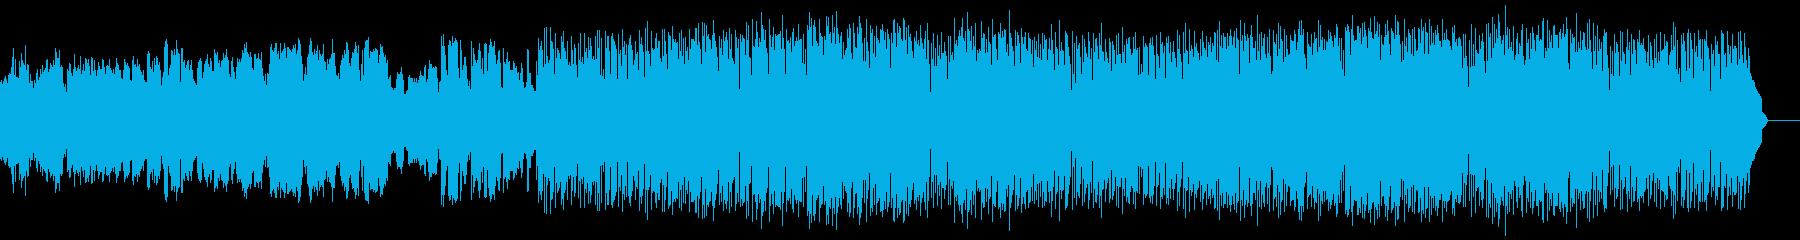 昭和レトロのリズムにうっとりするソプラノの再生済みの波形